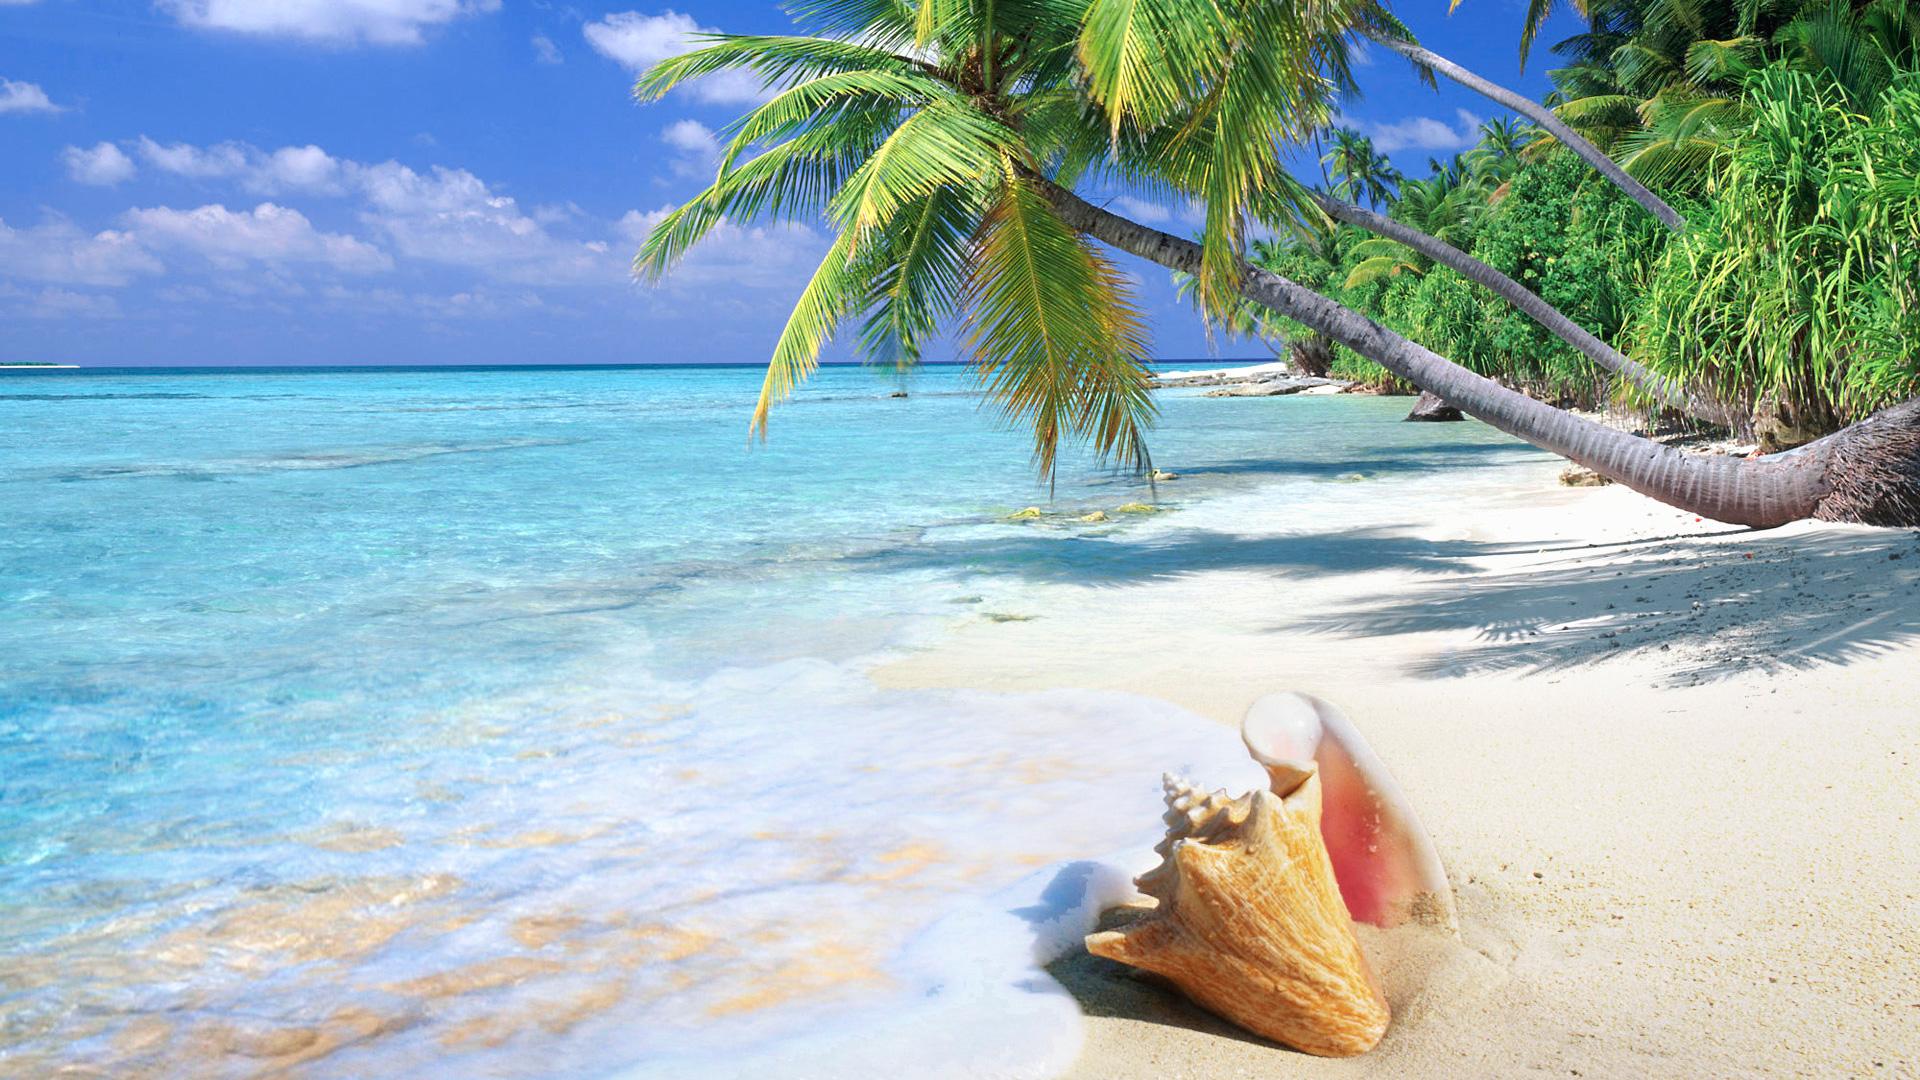 Tropical Islands In Hawaii